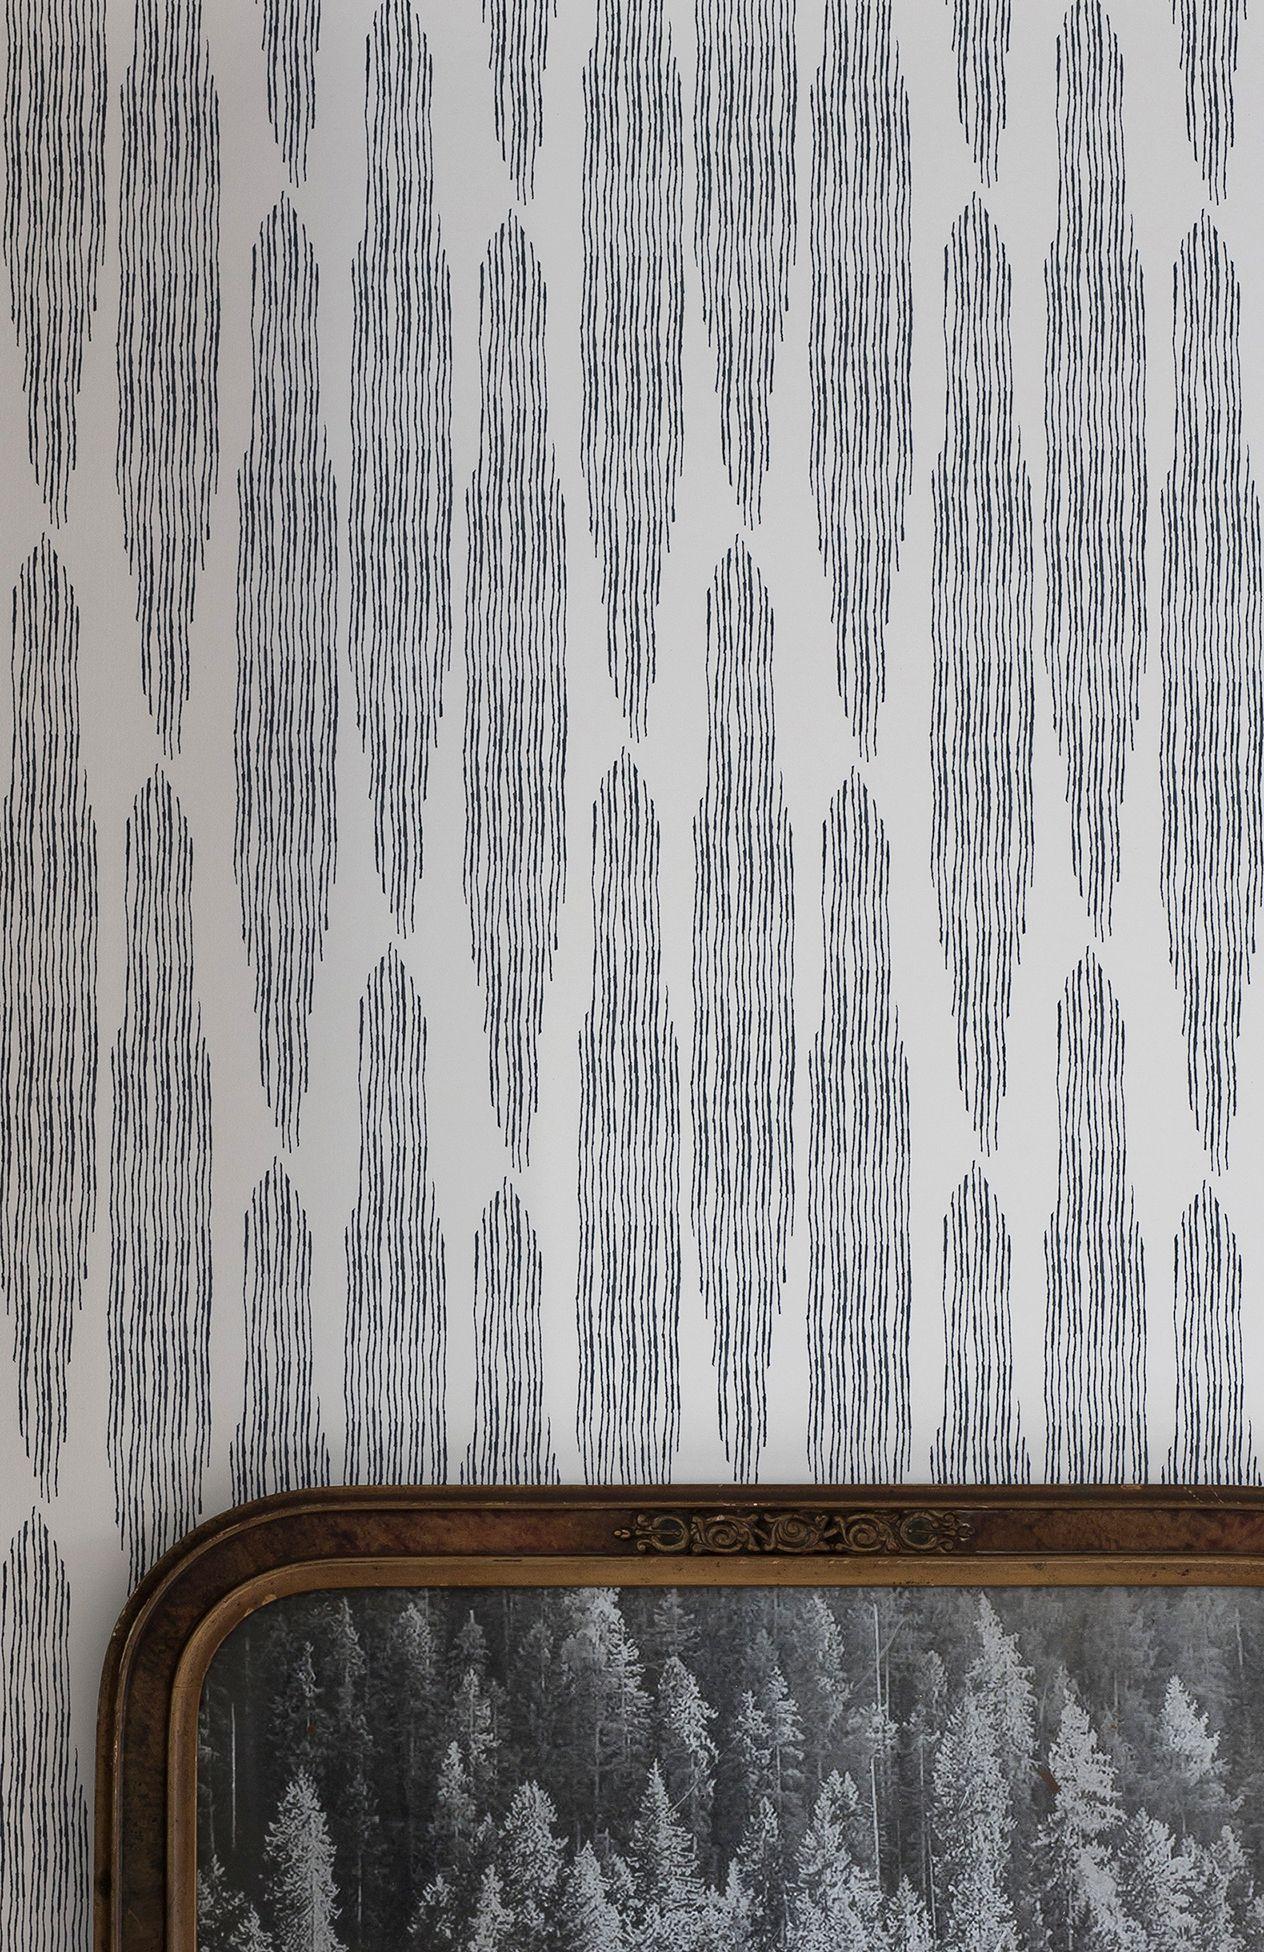 PINES wallpaper midnight Living room decor, Silver